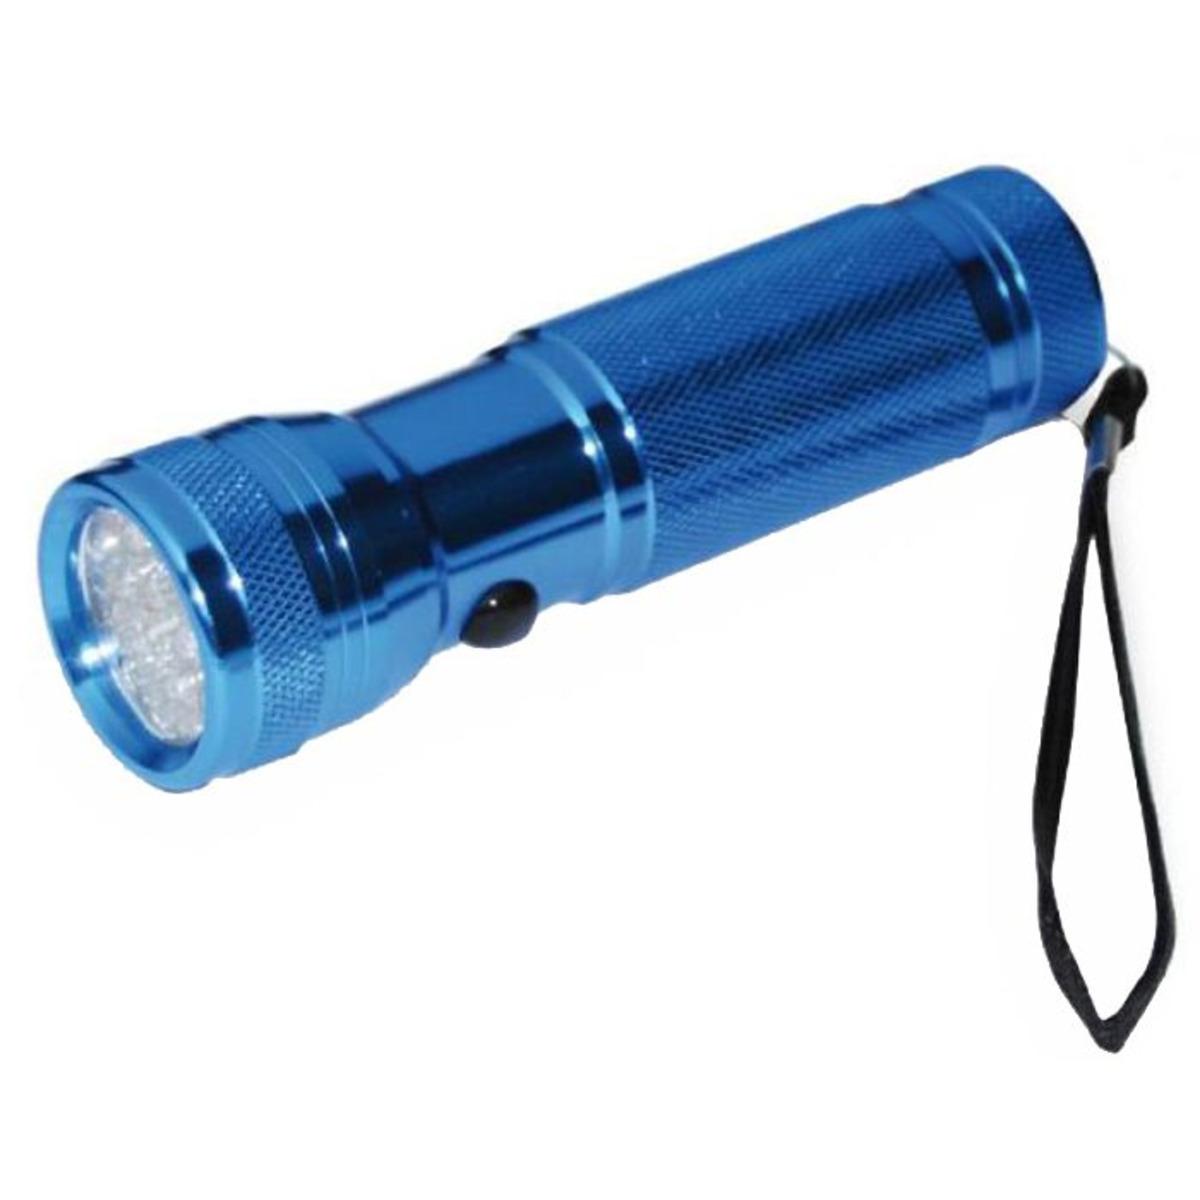 Camor Taschenlampe aus Aluminium 12 Led - U.V. Ultraviolett